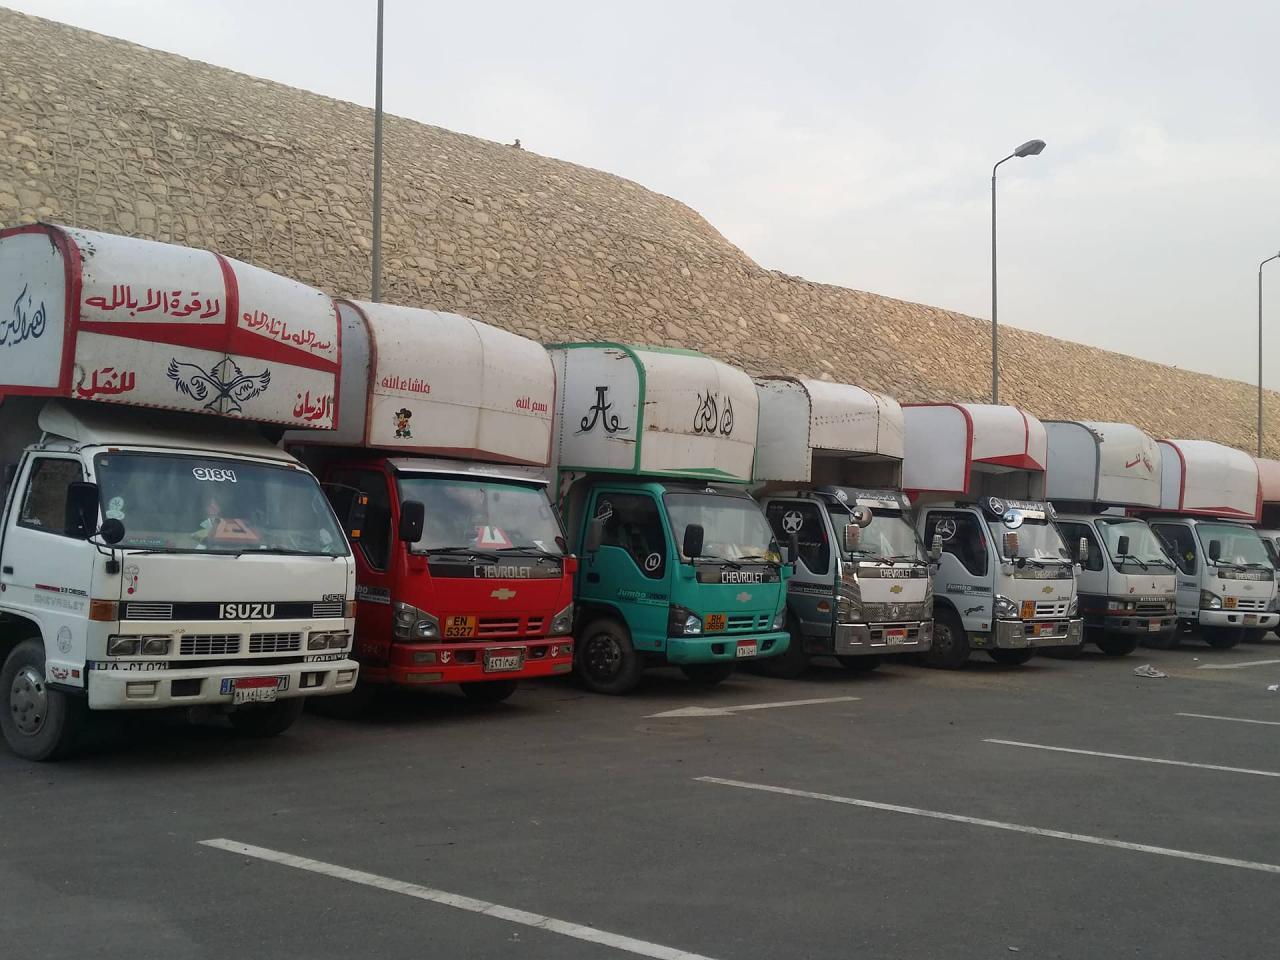 صورة شركات نقل الاثاث , خدمات وشروط لشركات النقل والتوصيل